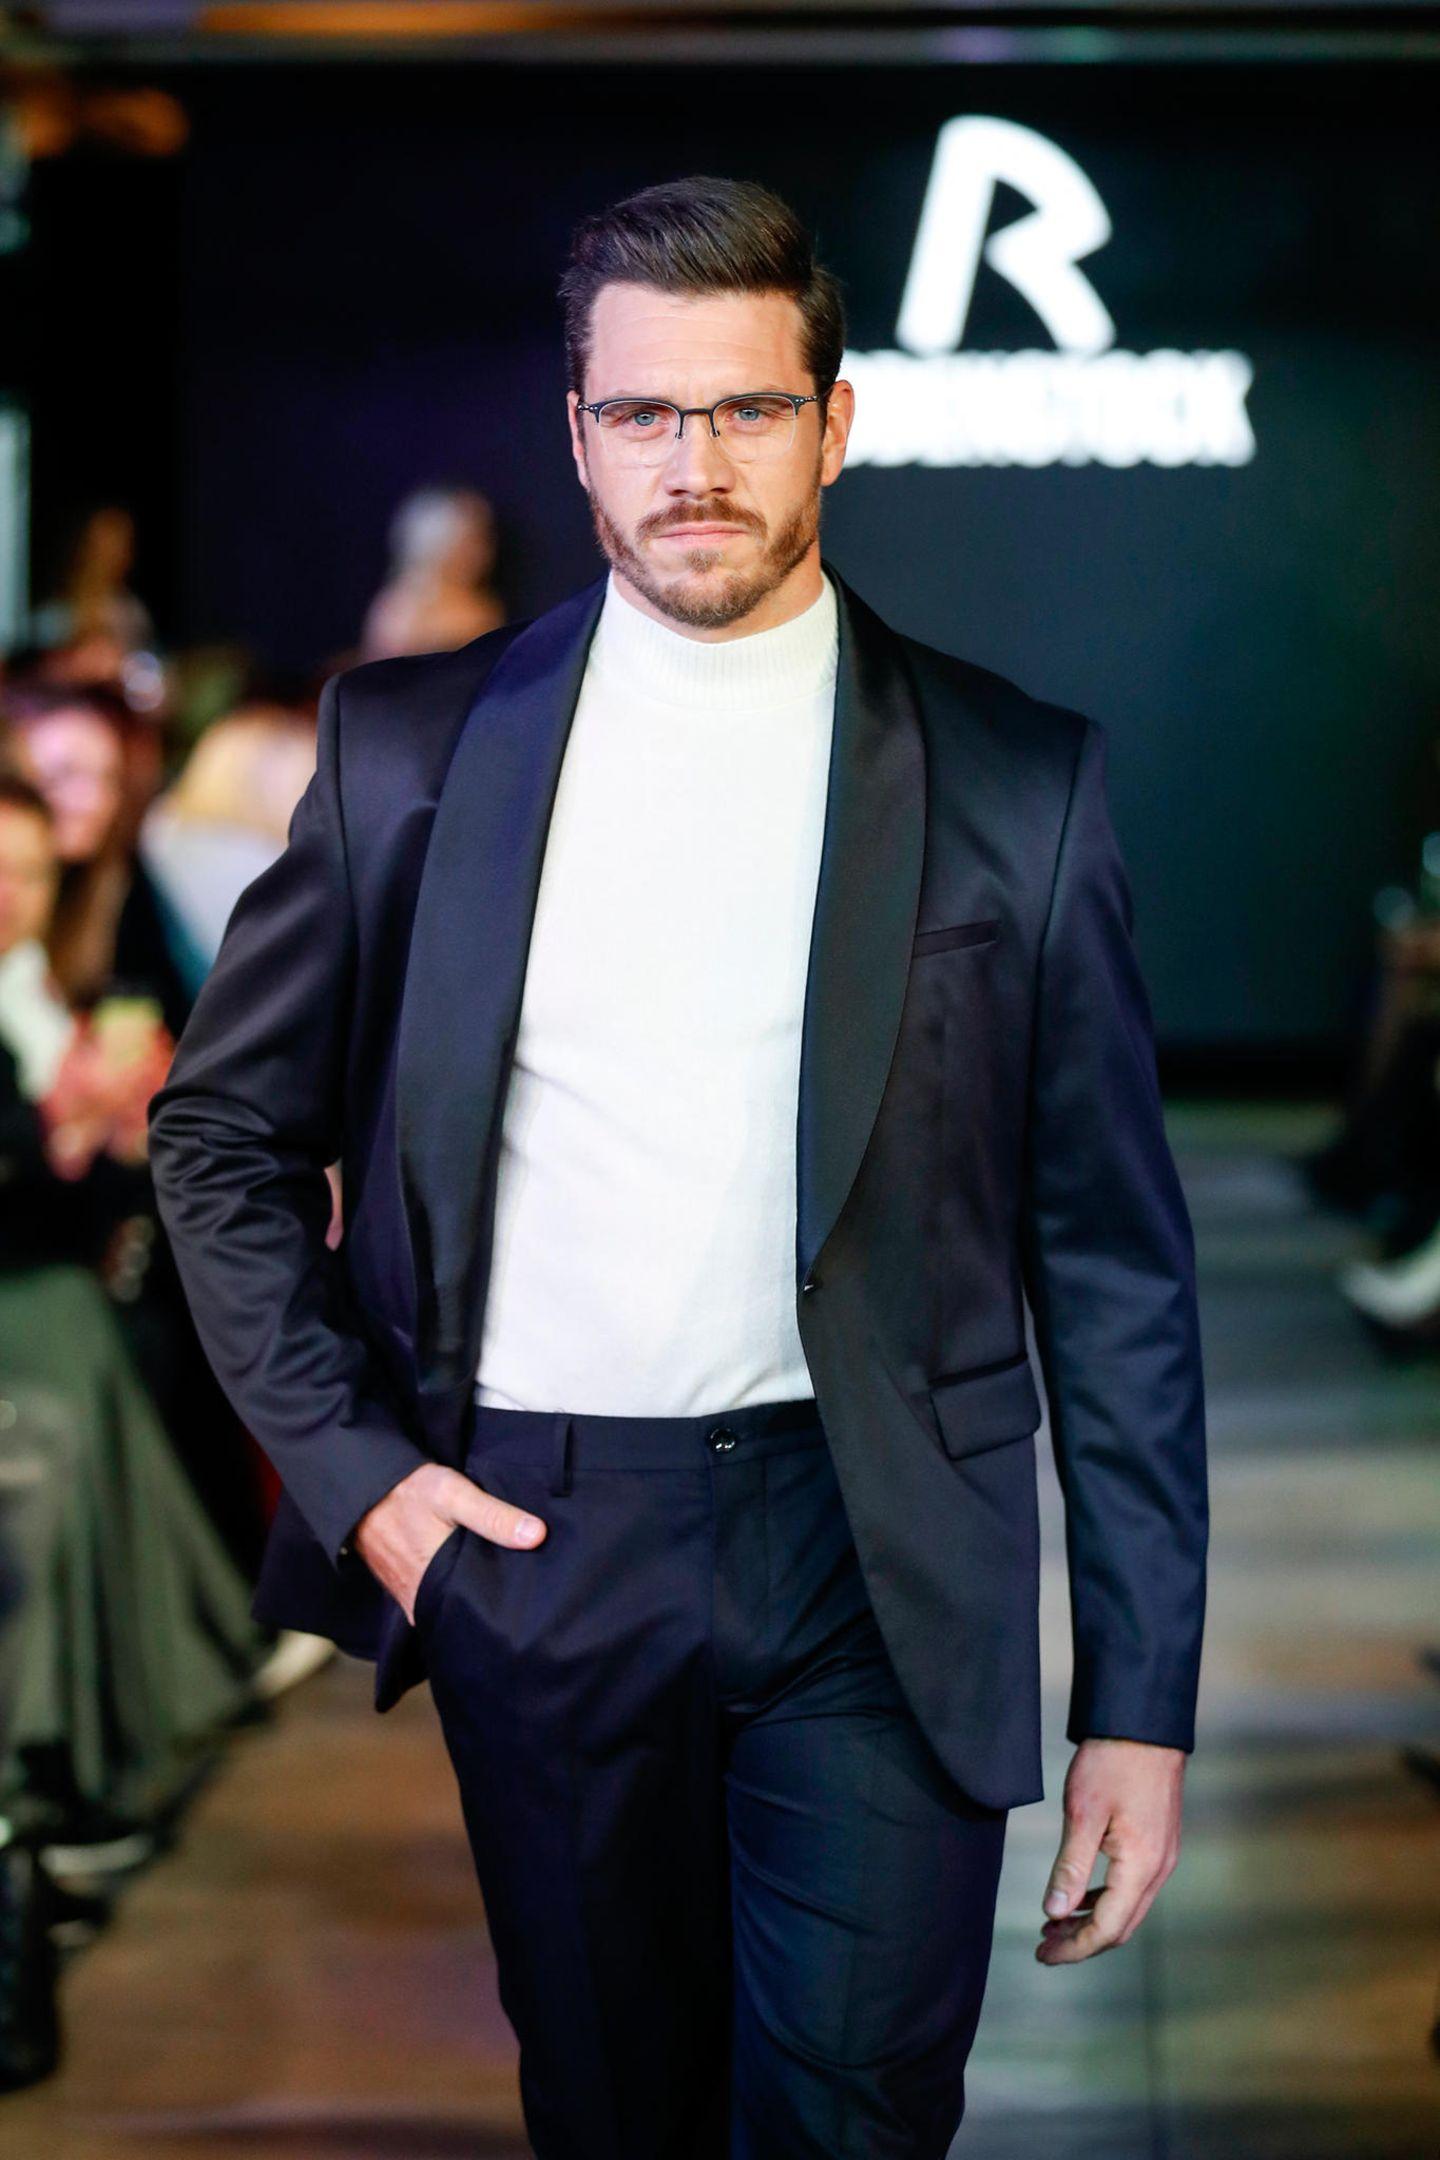 Nur Promi-Kids auf dem Rodenstock-Runway? Von wegen! Helene Fischers neuer Freund Thomas Seitel ist überraschenderweise auch dabei und macht als Brillen-Model eine richtig gute Figur.